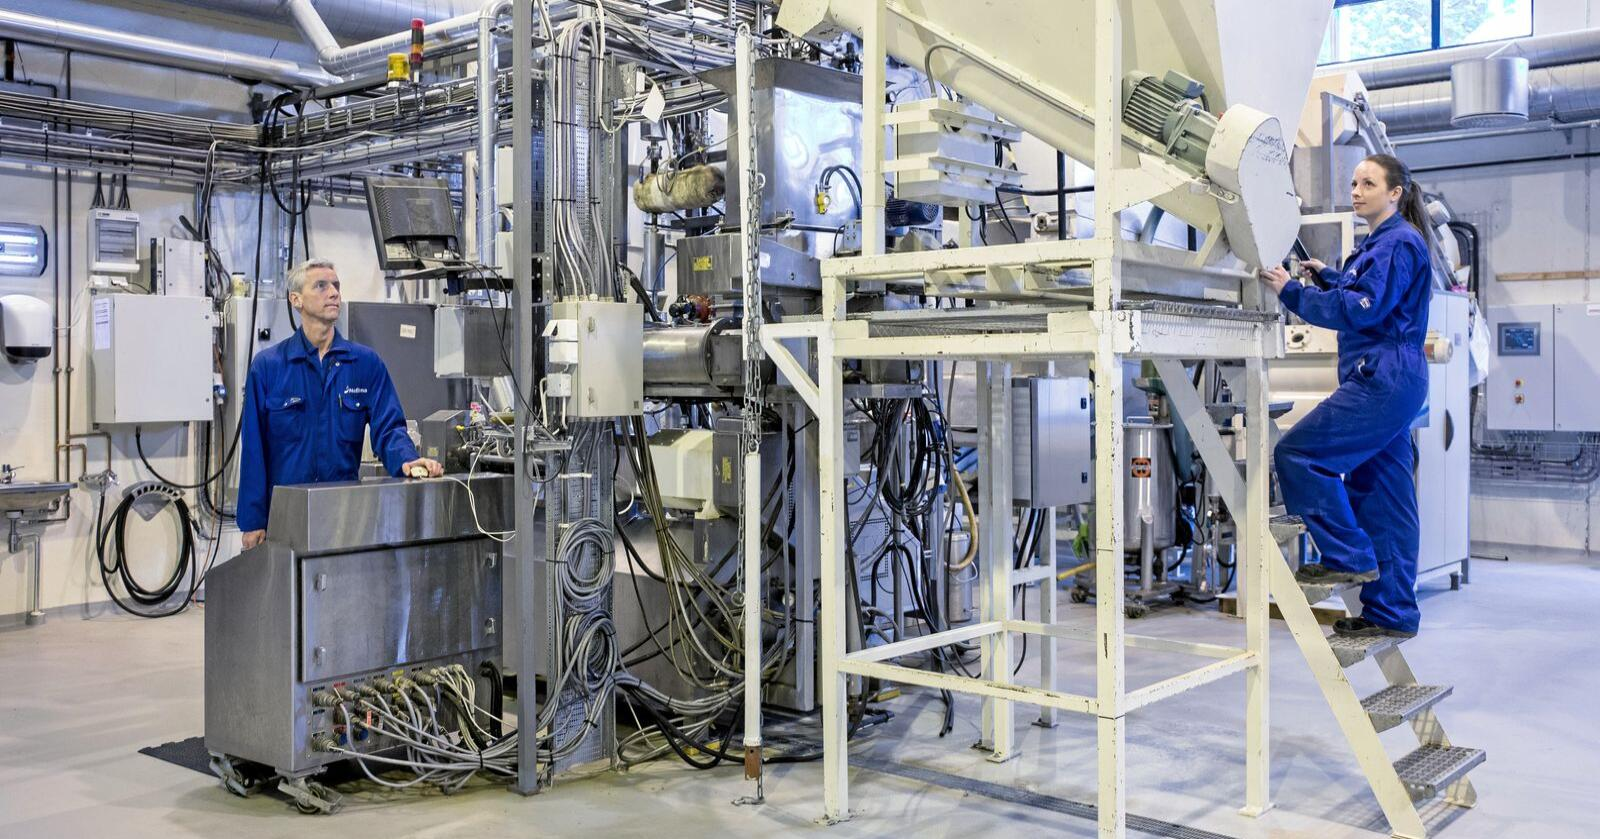 Med statlige midler bygger Nofima et fôrteknologisenter som har som mål å blant annet løse utfordringene med norske råvarer i oppdrettsfôret. Foto: Nofima